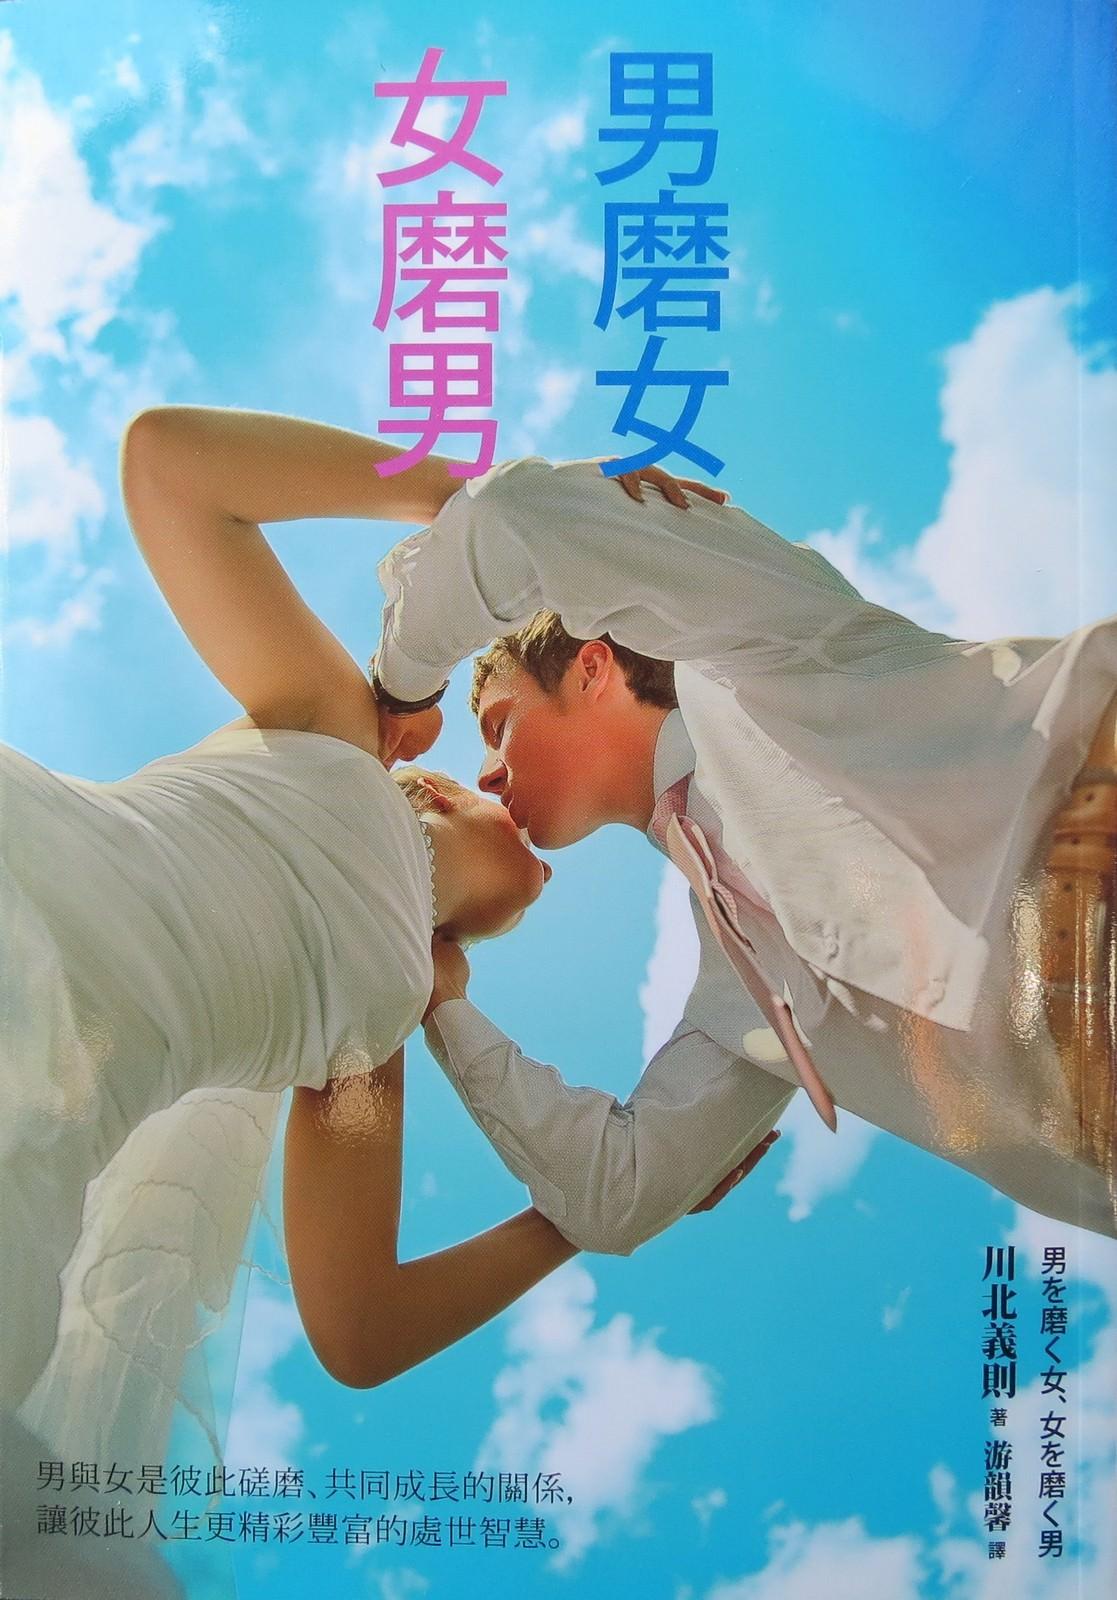 Book, 男を磨く女、女を磨く男(日本, 2011年) / 男磨女、女磨男(台灣), 書籍封面, 台灣